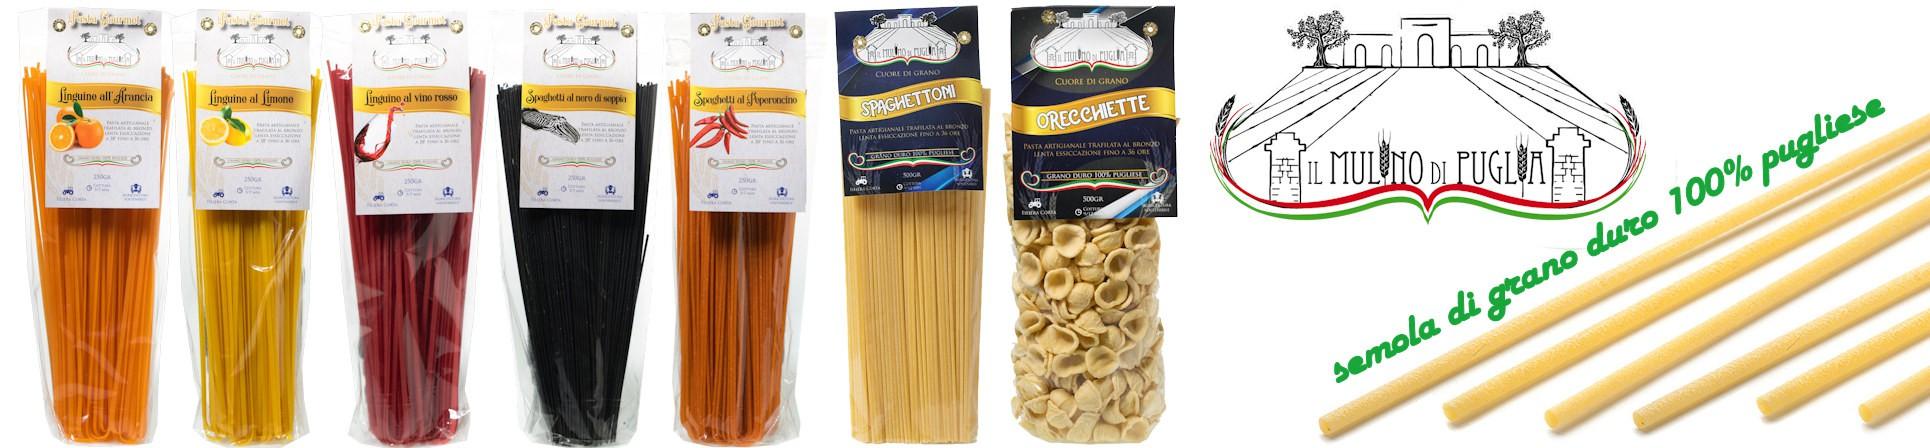 vendita online spaghettoni pasta semola di grano duro pugliese - PASTIFICIO IL MULINO DI PUGLIA acquista online